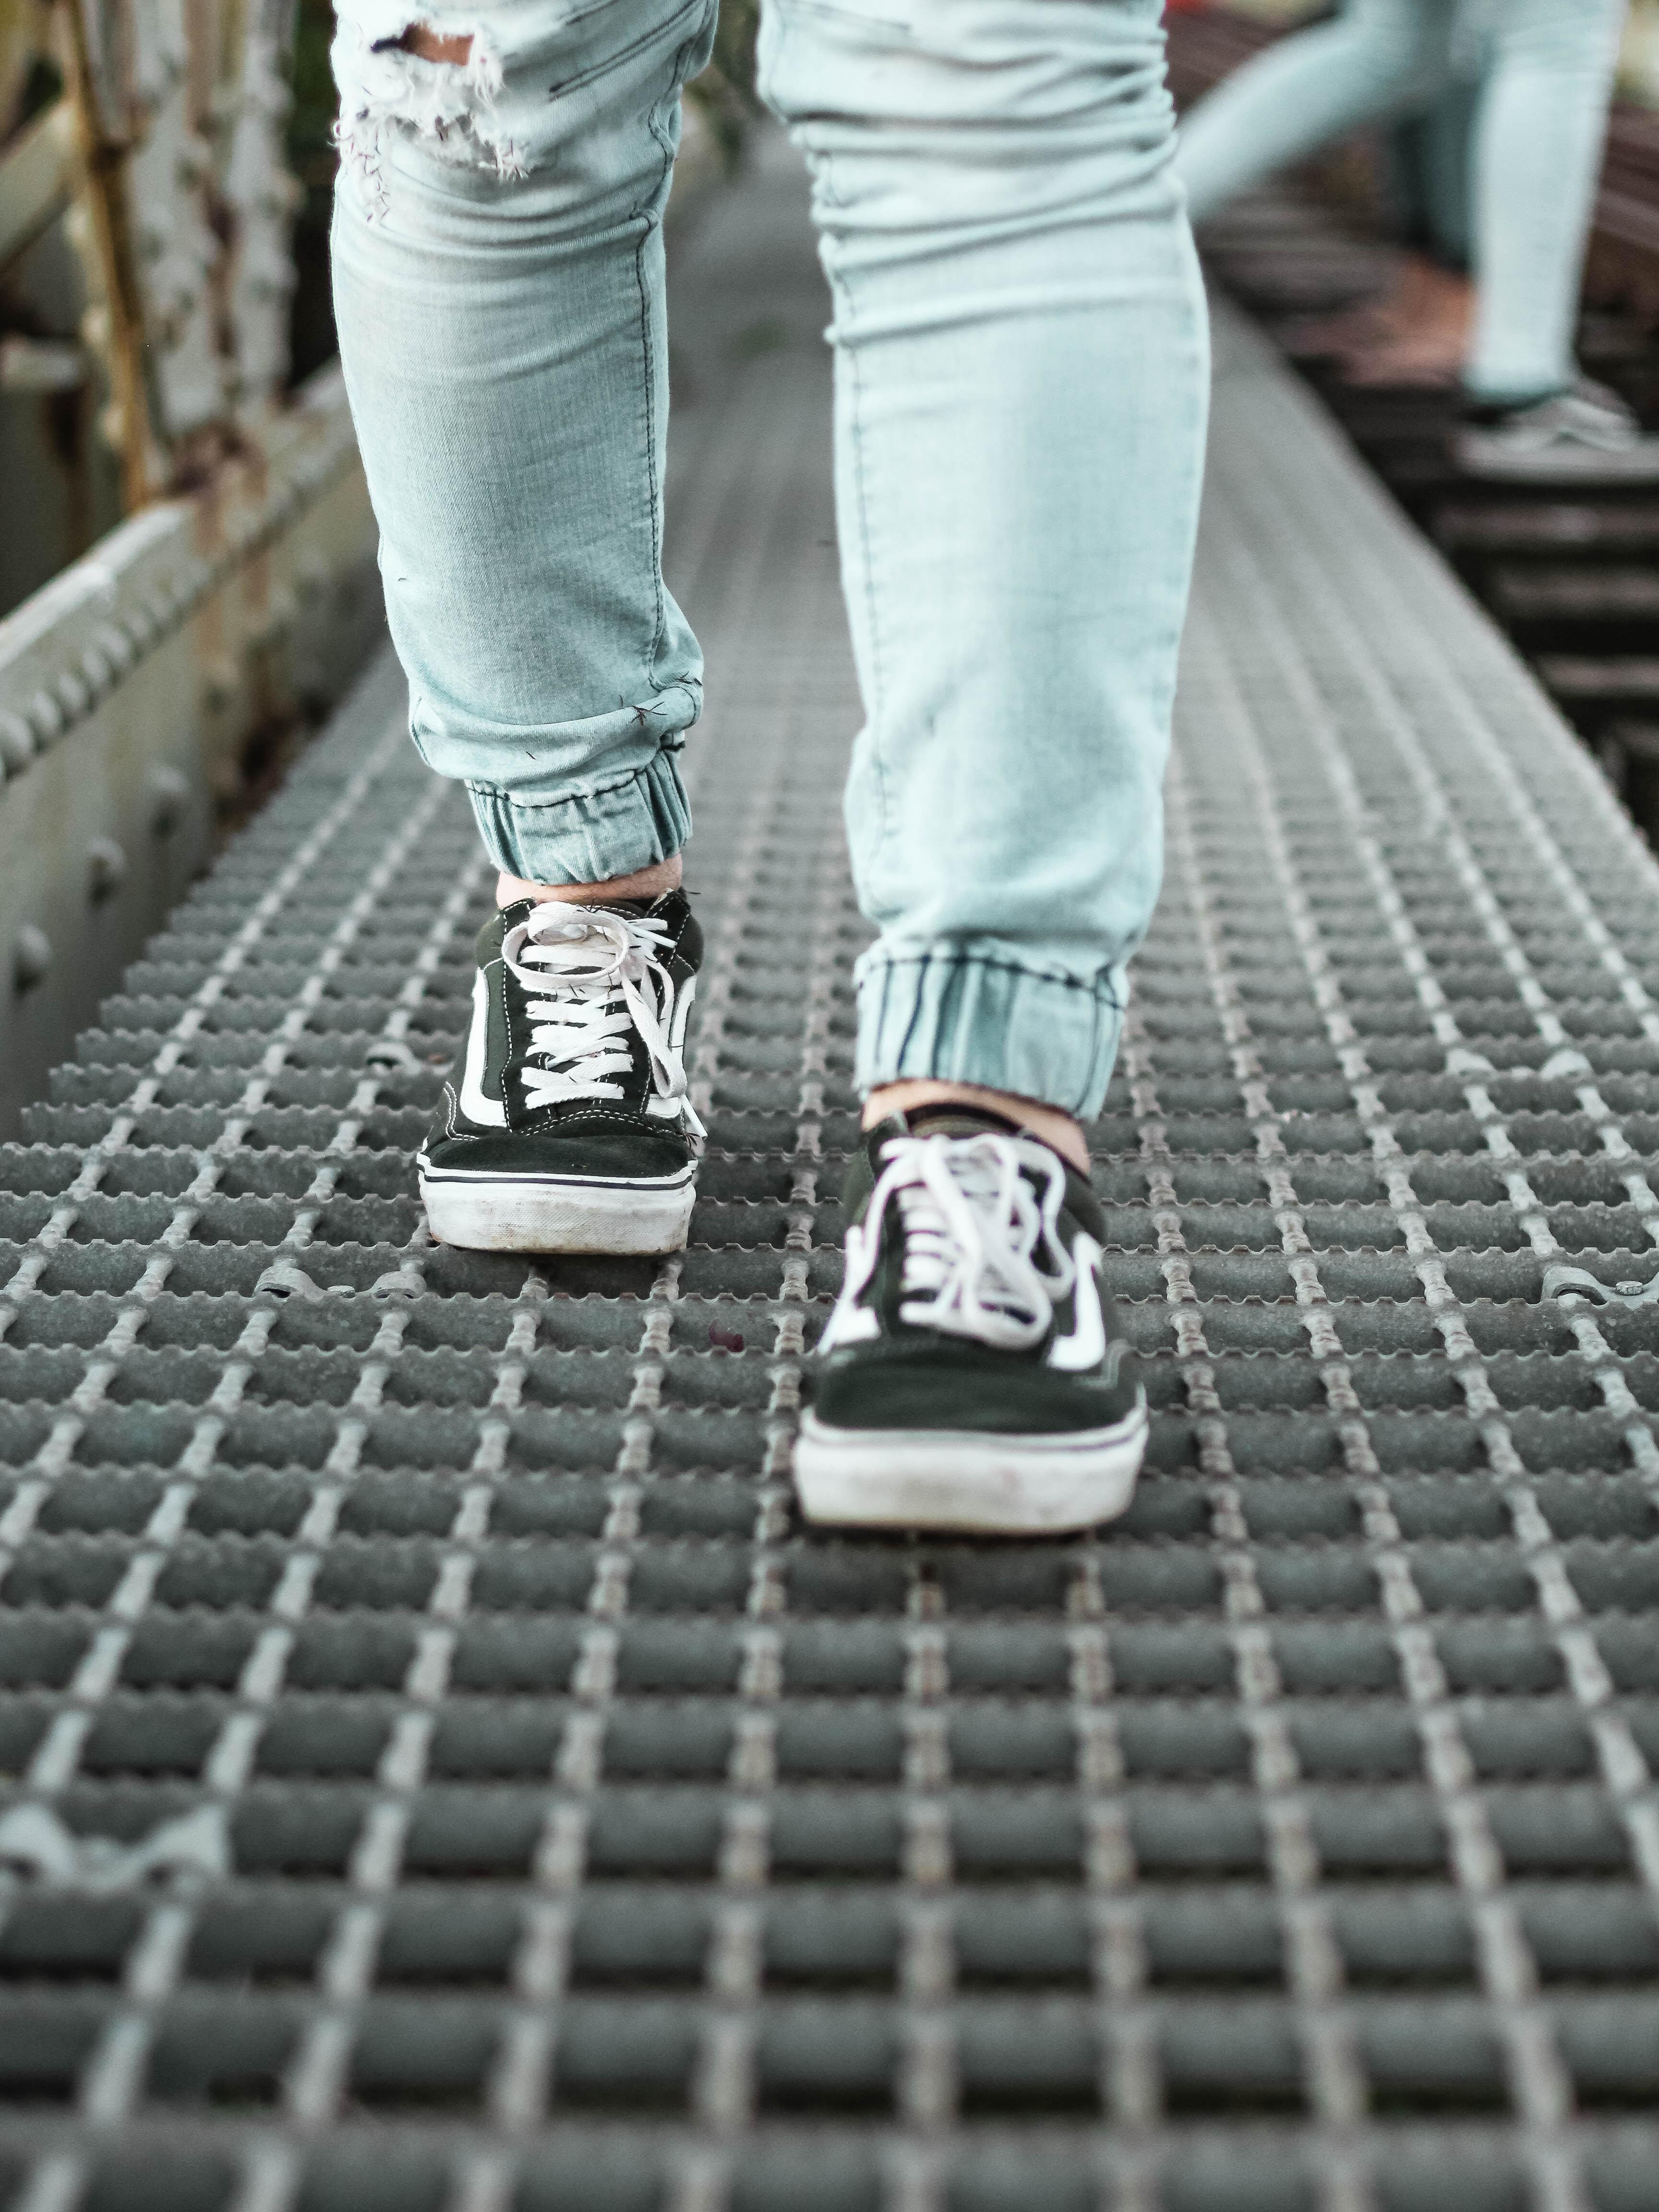 person wearing black Vans Old Skool low-top sneakers